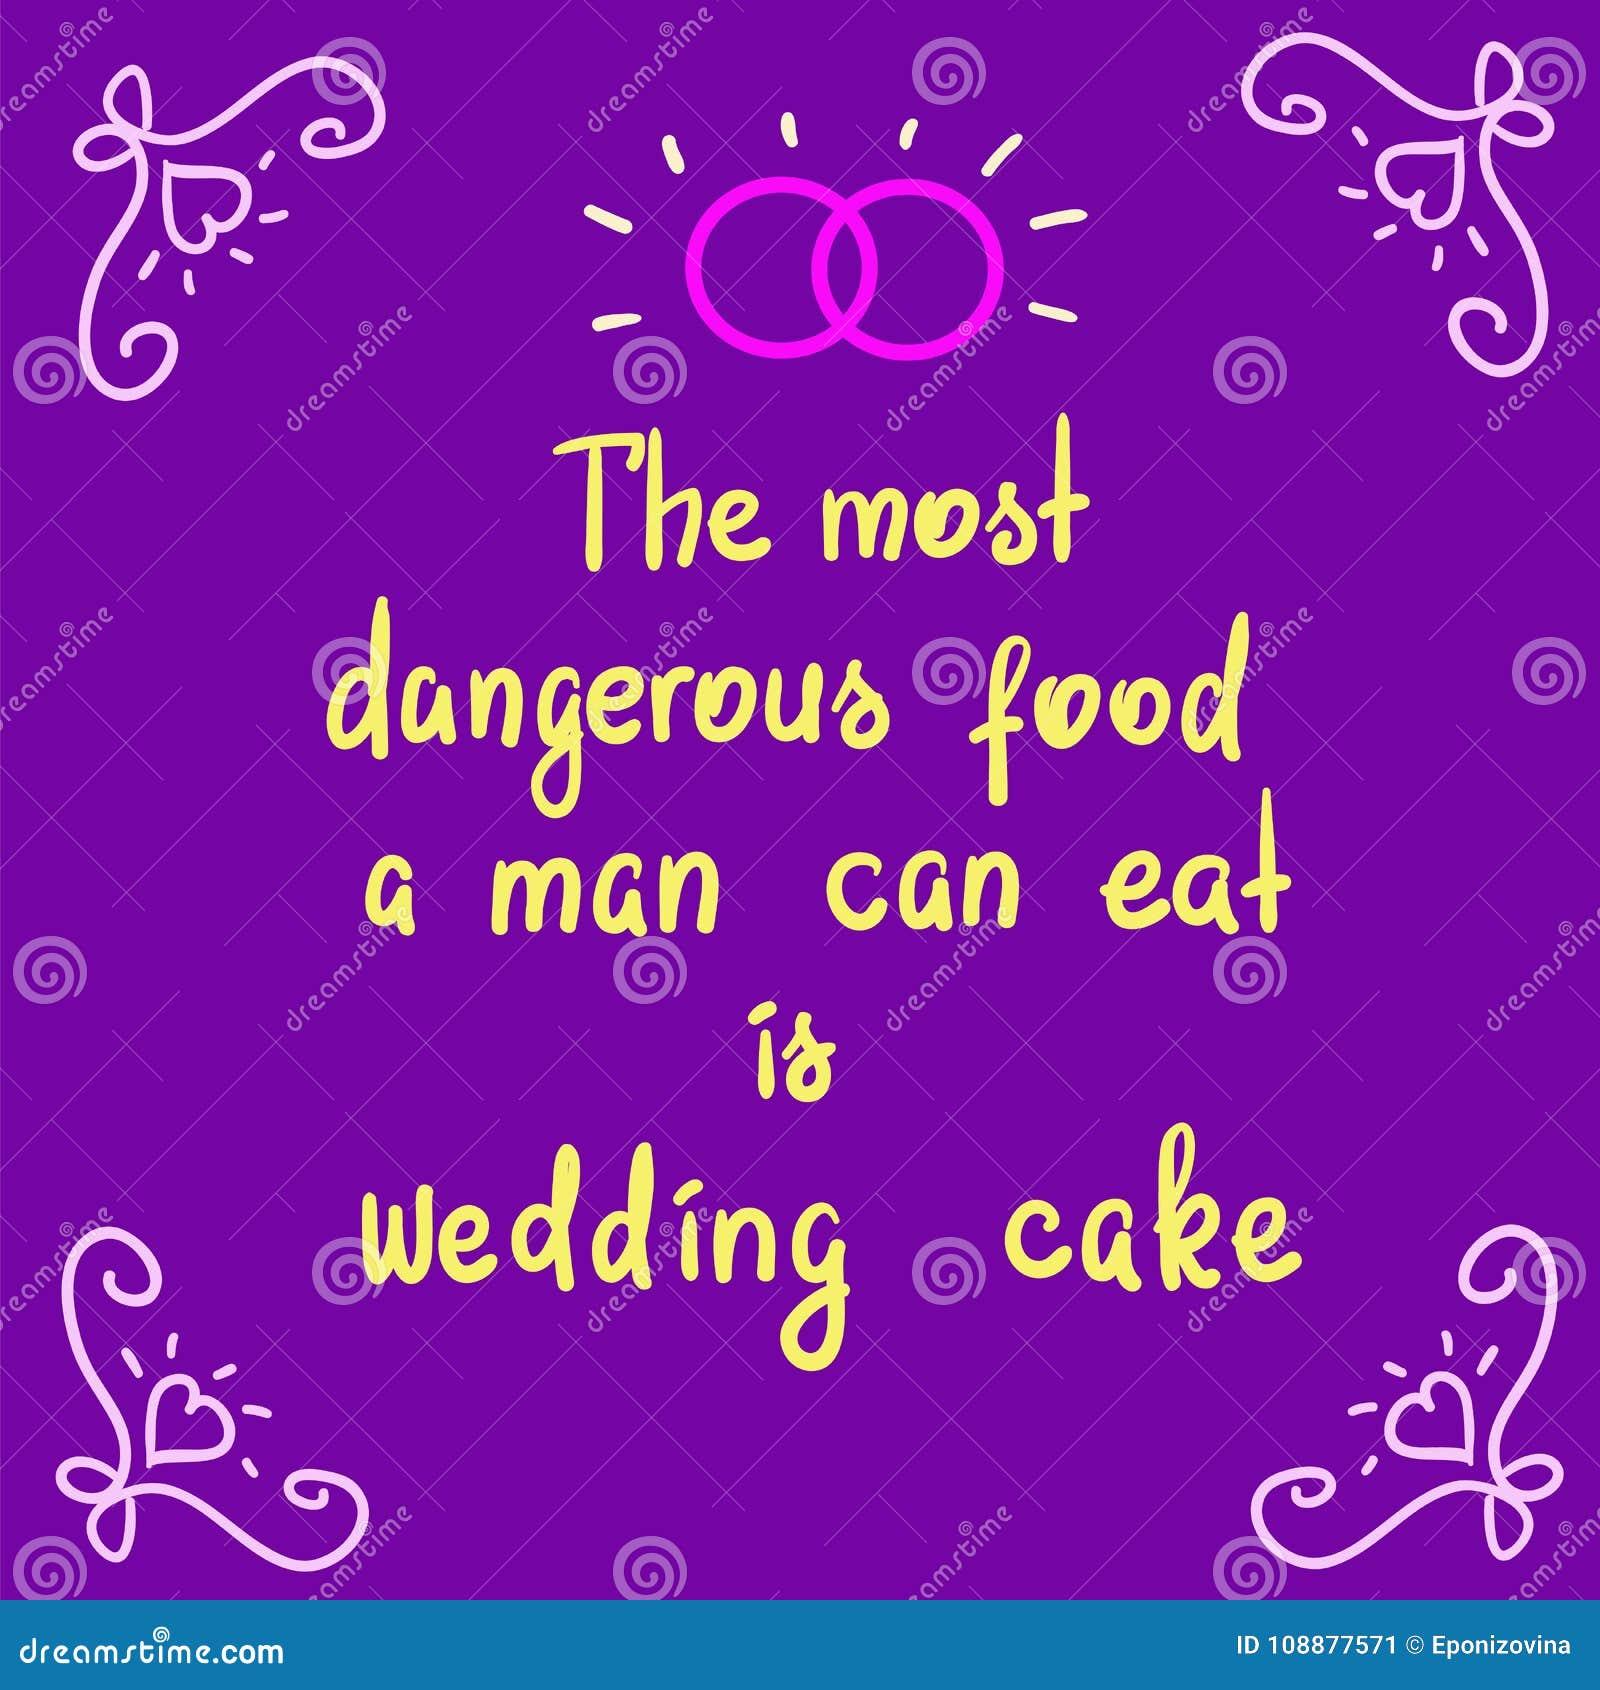 Das Gefährlichste Lebensmittel Das Ein Mann Essen Kann Ist